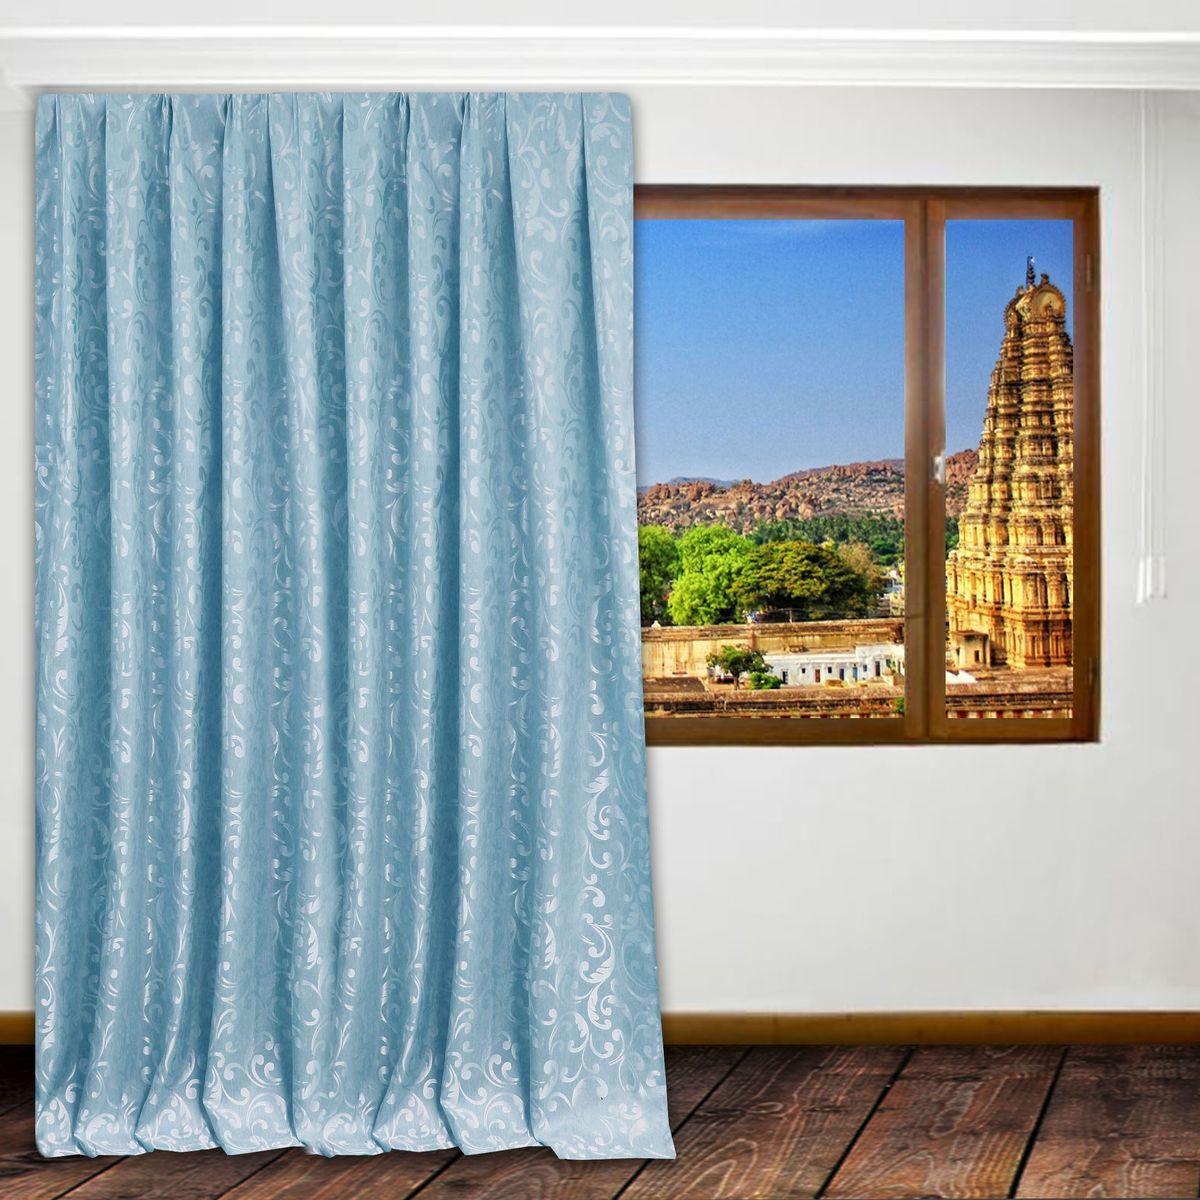 Портьера Amore Mio, цвет: бирюзовый, высота 270 см. RR 655-6676413Штора на шторной ленте из мягкой плотной ткани жаккард. Основа полотна состоит из чередующихся голубых и темно-серых нитей. Украшение штор - узор выполненный голубой нитью с нежным сатиновым блеском.